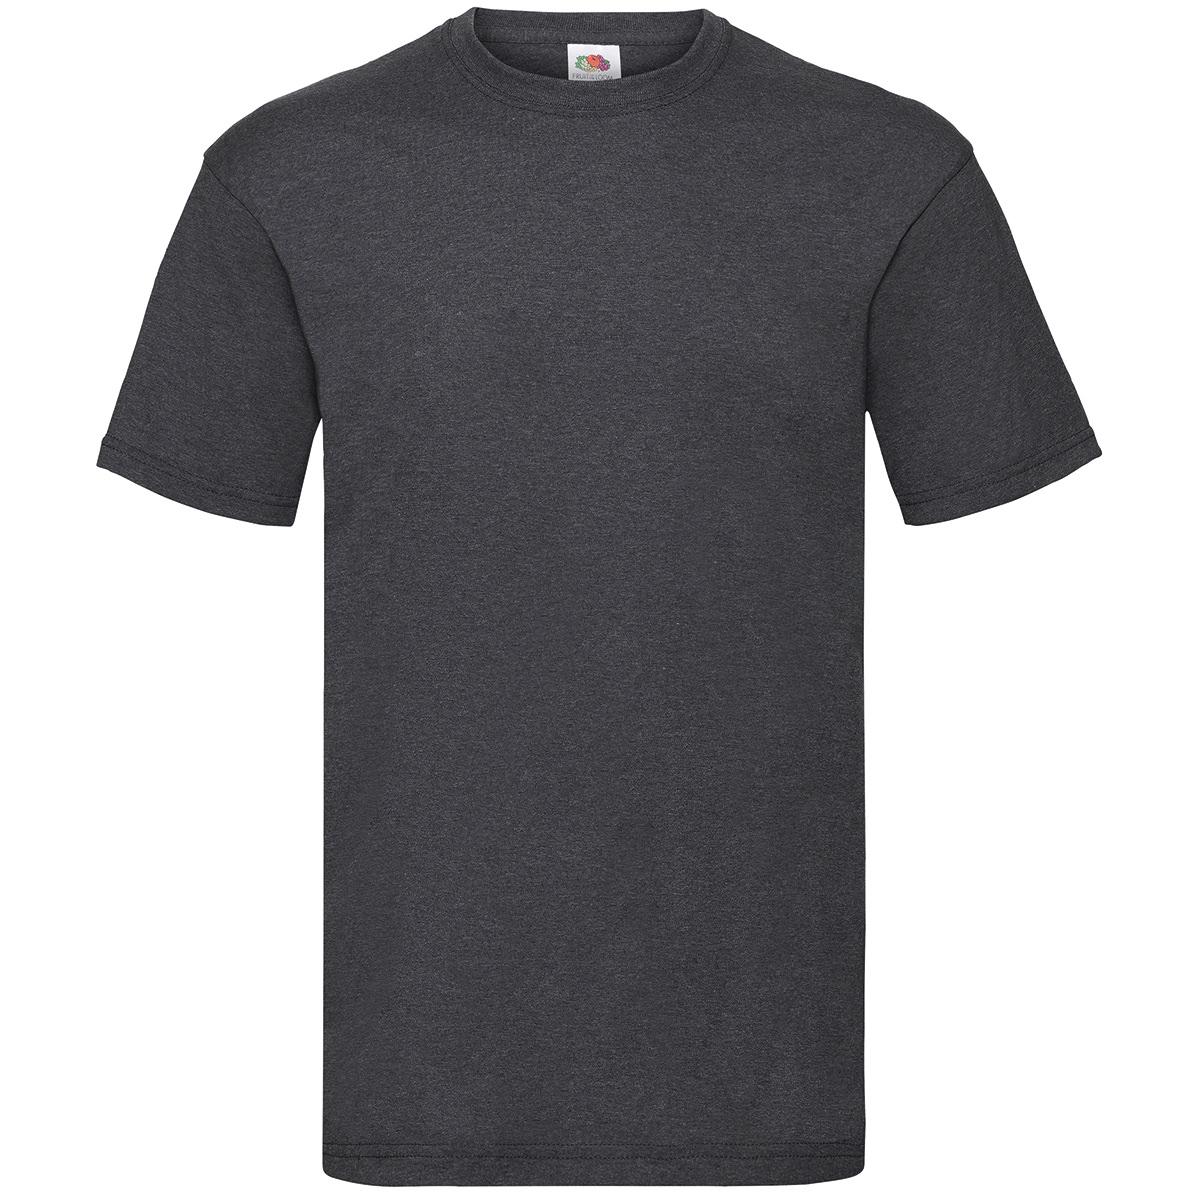 Indexbild 12 - Fruit of the Loom UNISEX T-Shirt Bestseller Top Angebot Herren Damen NEU